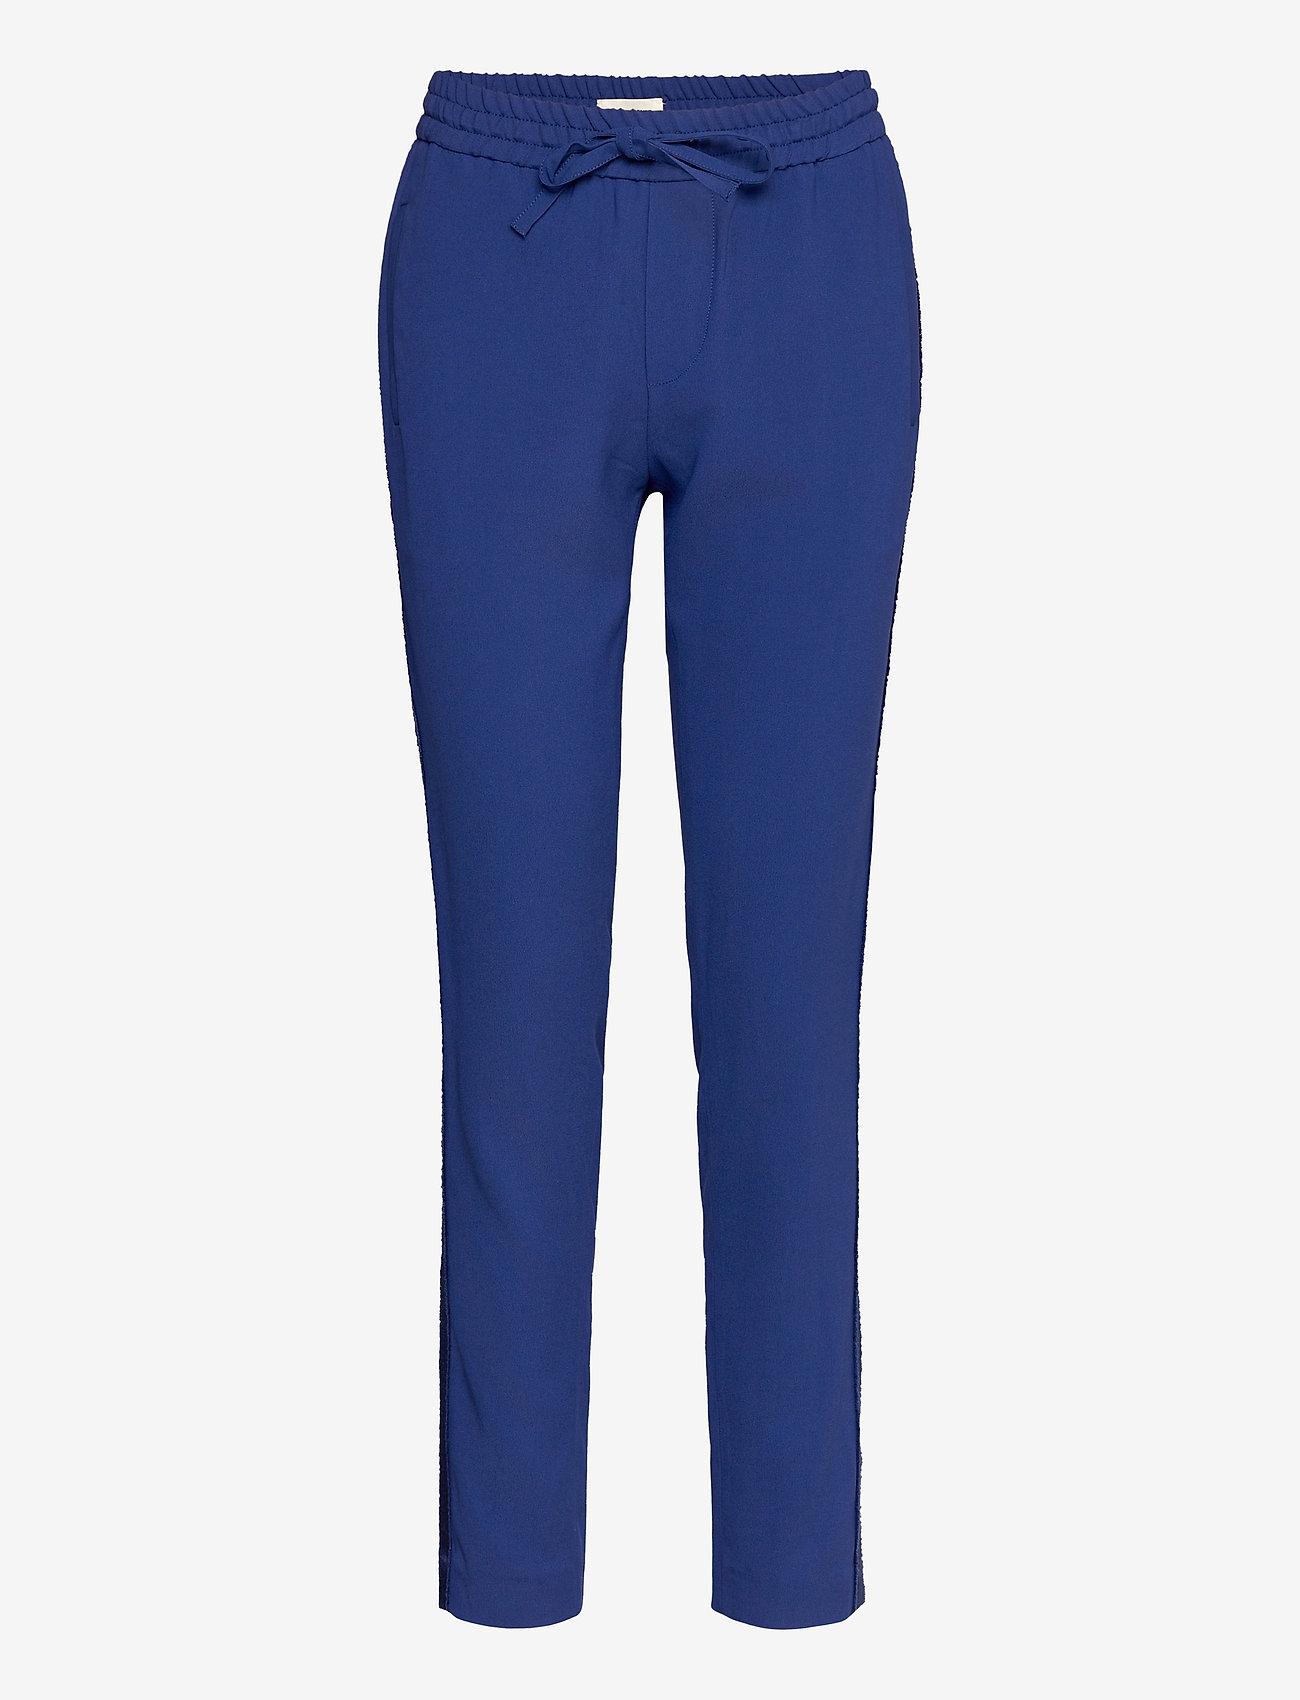 Zadig & Voltaire - PARONO CREPE PANTALON - slim fit bukser - blue - 0